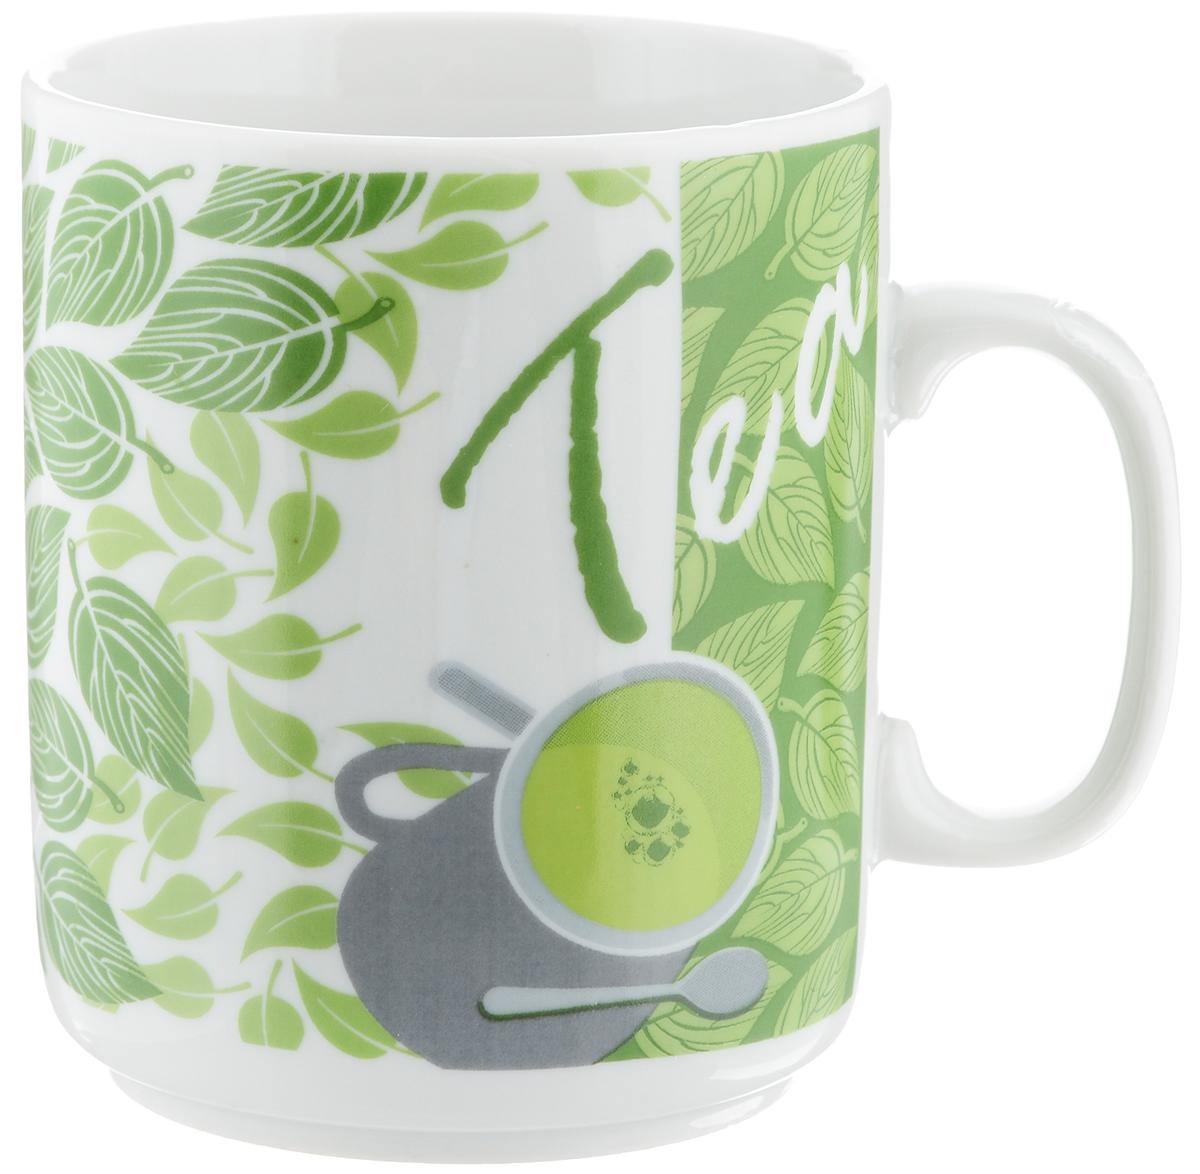 Кружка Фарфор Вербилок Чай, 300 мл9272190Кружка Фарфор Вербилок Чай способна скрасить любое чаепитие. Изделие выполнено из высококачественного фарфора. Посуда из такого материала позволяет сохранить истинный вкус напитка, а также помогает ему дольше оставаться теплым. Диаметр по верхнему краю: 7,5 см. Высота кружки: 10 см.